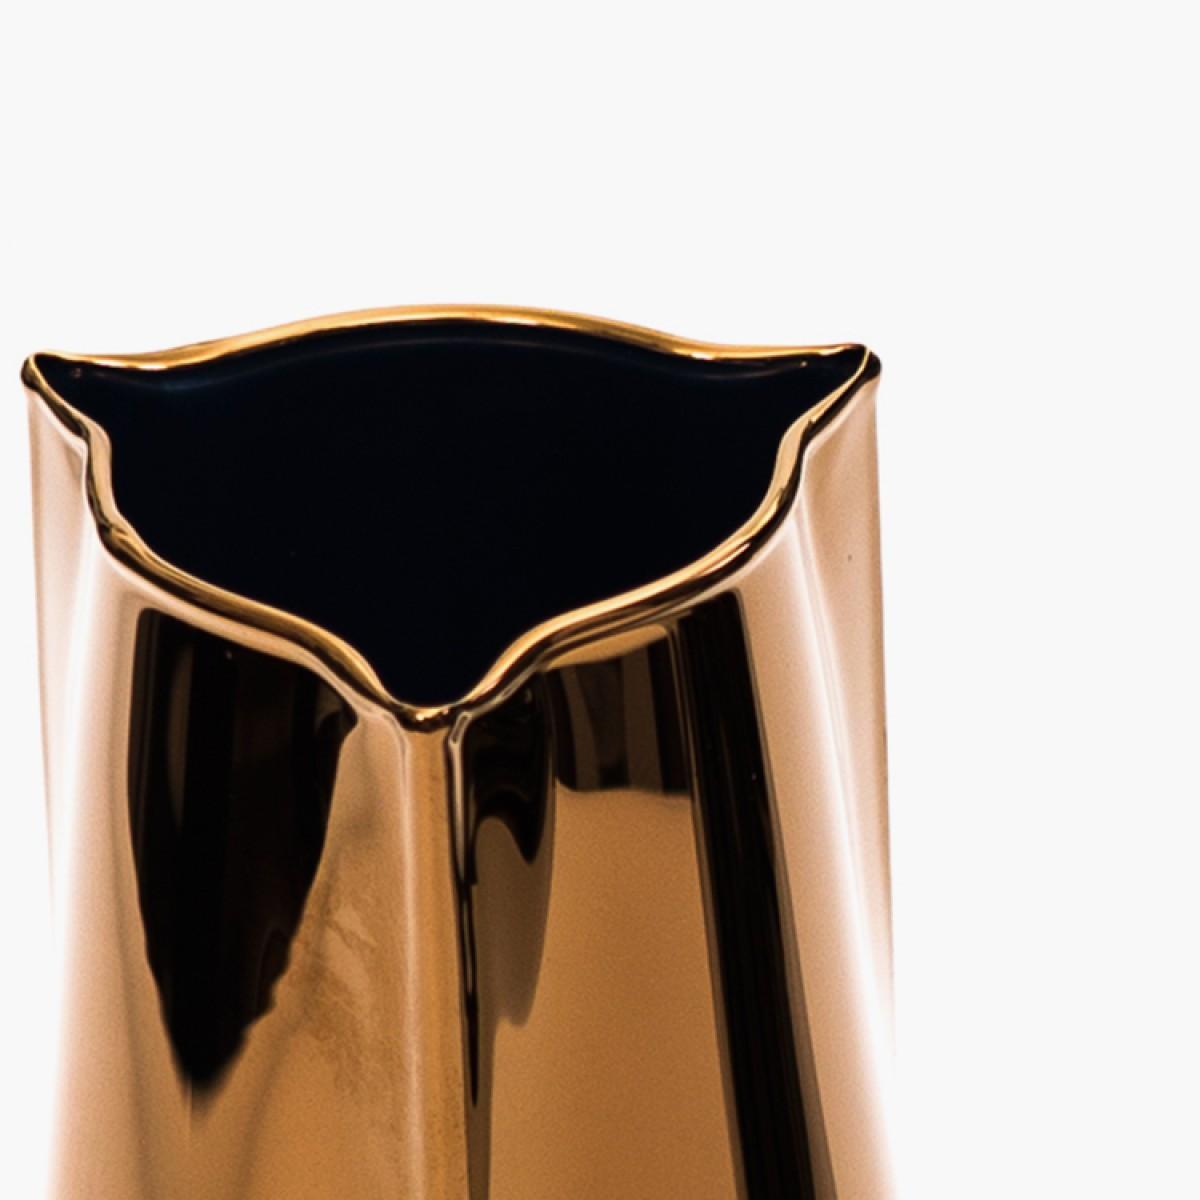 Becchi Carafe - groß, gold